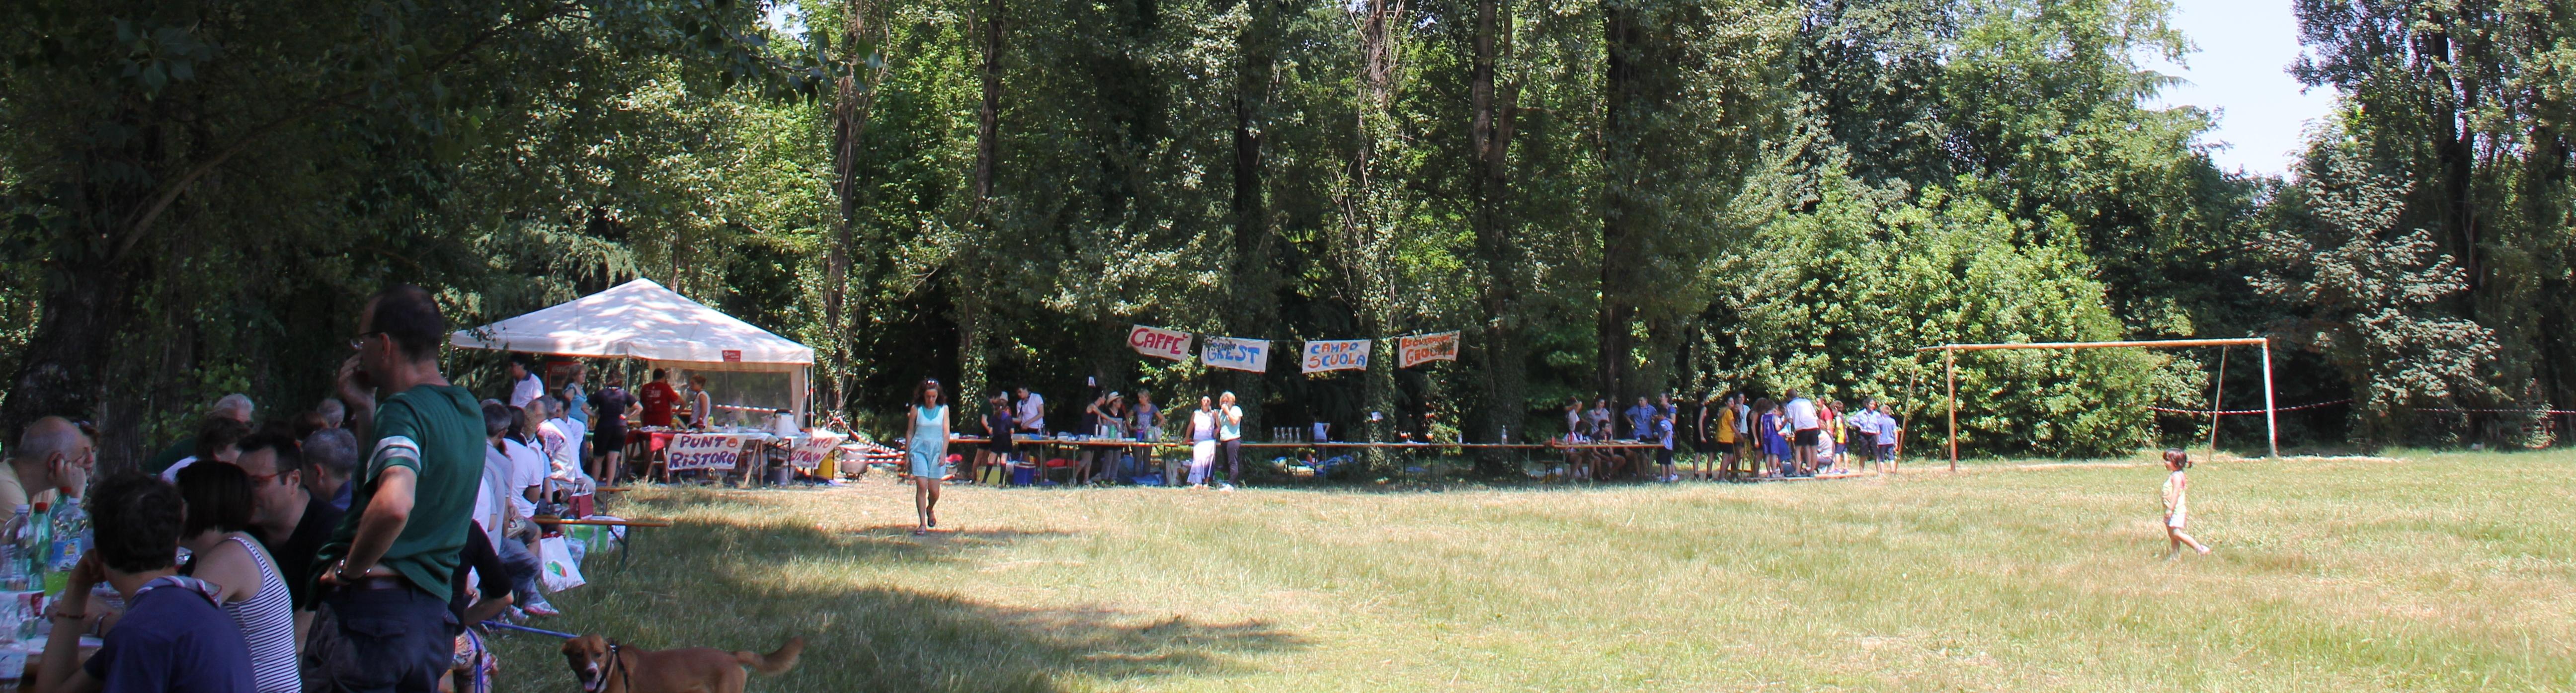 Festa campi del Sole 2017